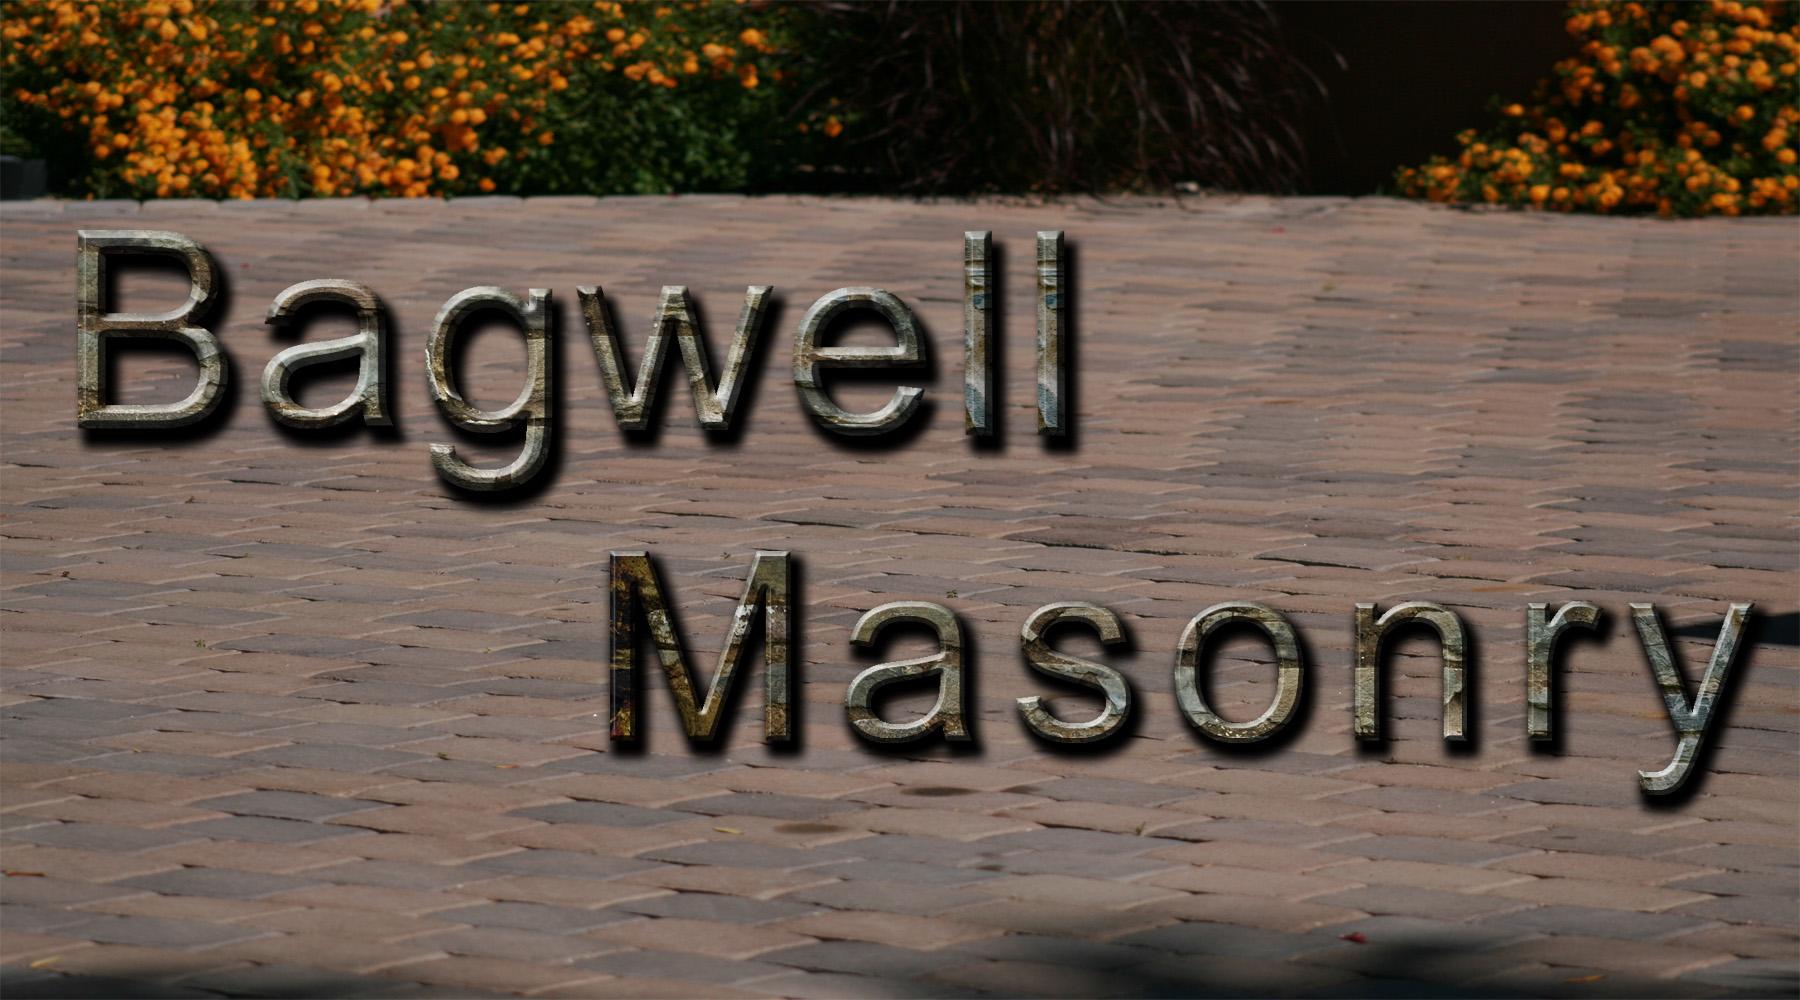 Bagwell Masonry